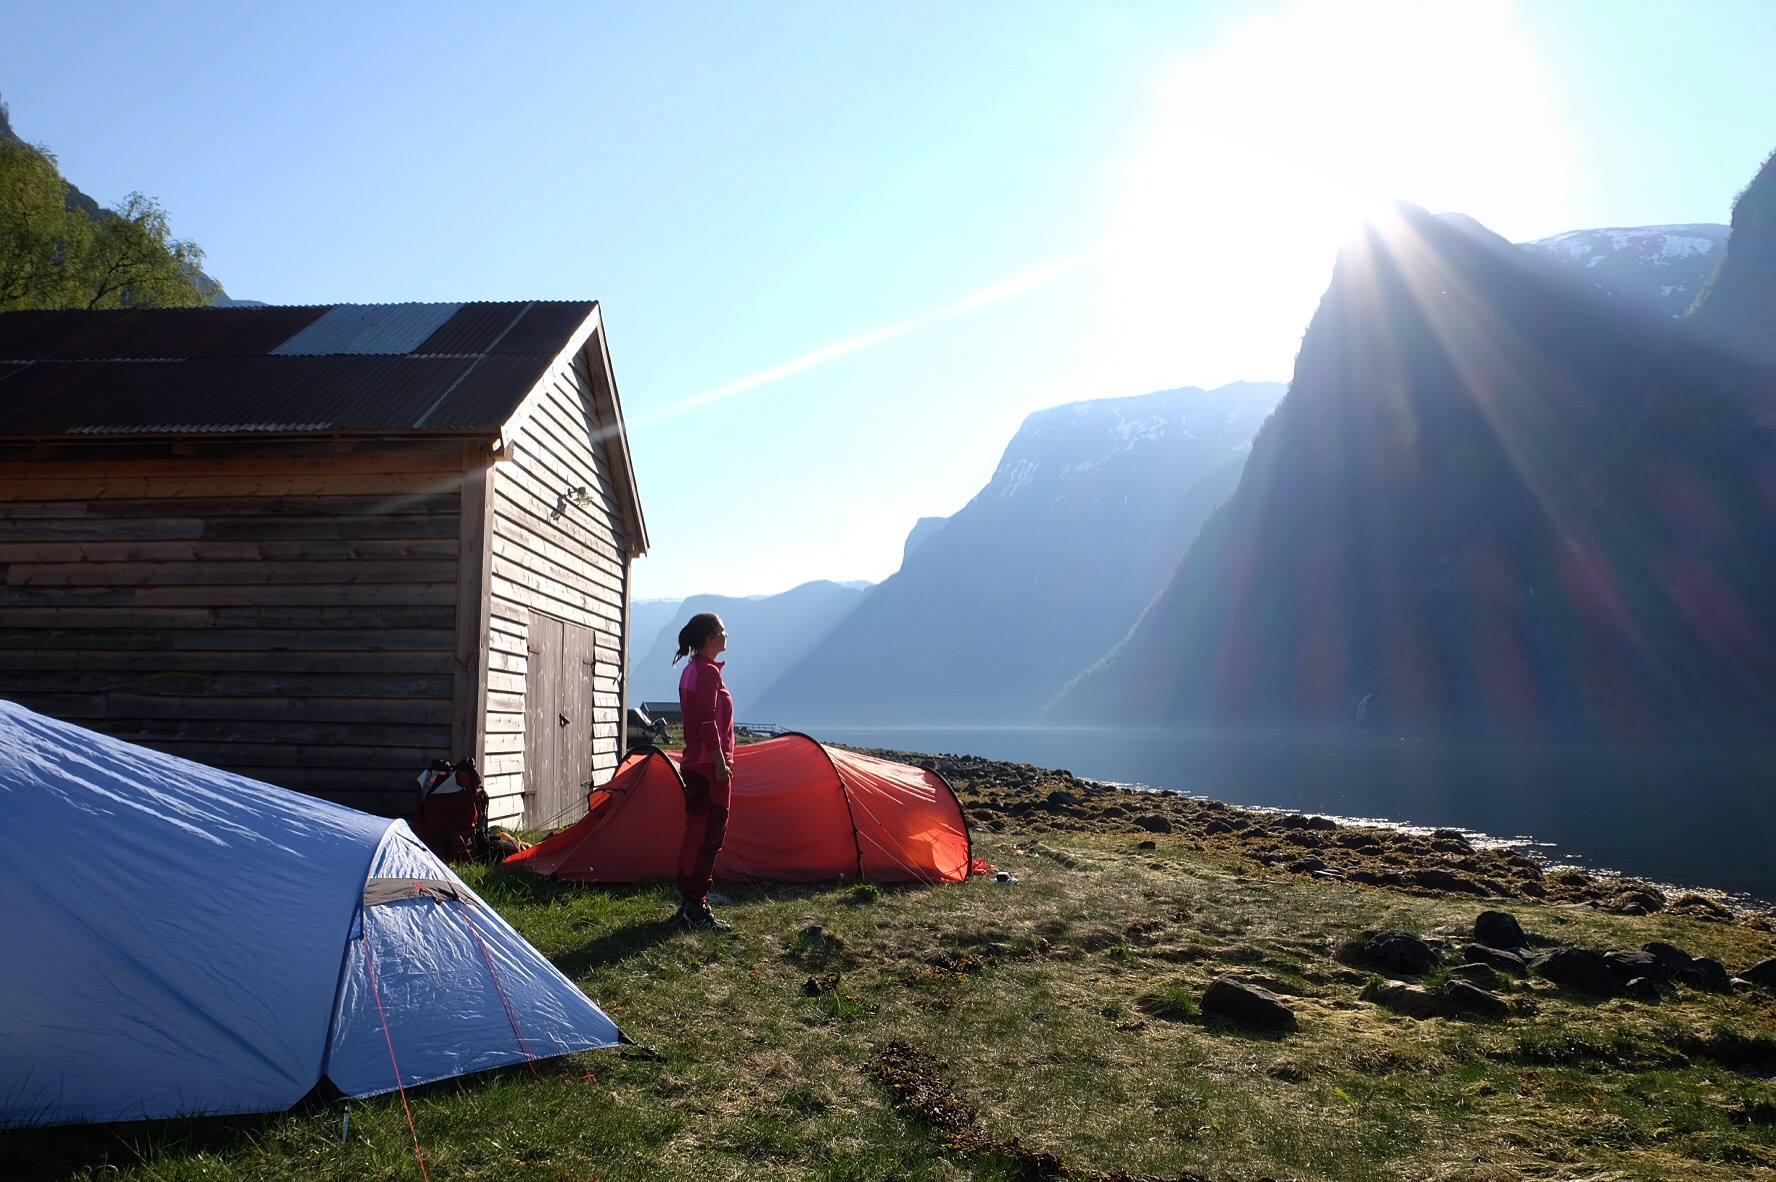 Sivelin_Sognefjorden.jpg